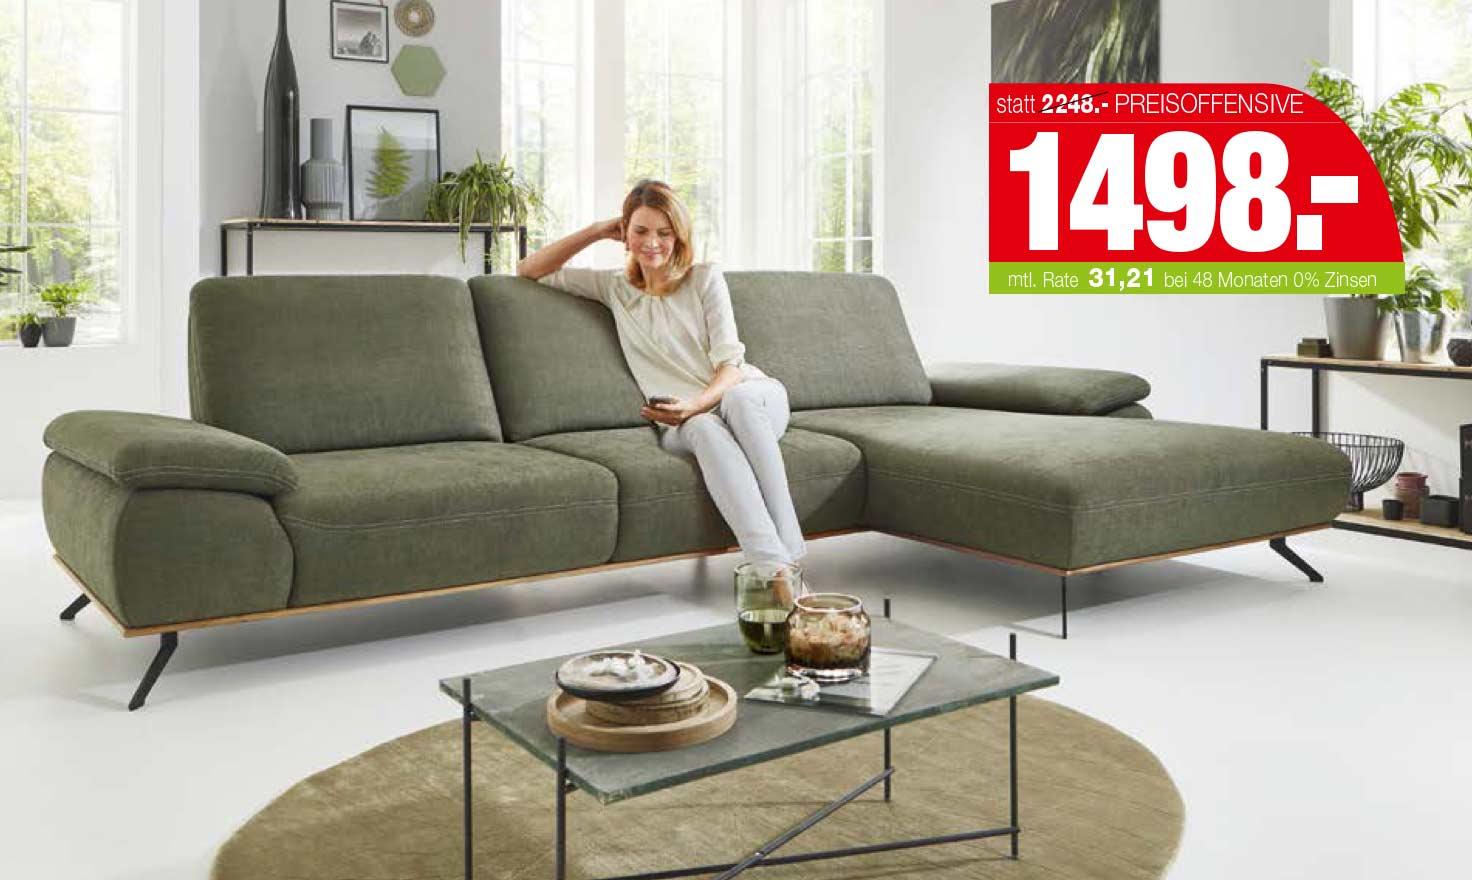 Full Size of Sofa Und Couch Zum Besten Preis Kaufen Company In Paderborn Grau Stoff Bett Mit Bettkasten 180x200 Weiches Inhofer 140x200 Weiß 120 Cm Breit Bettfunktion 3er Sofa Sofa Garnitur 2 Teilig